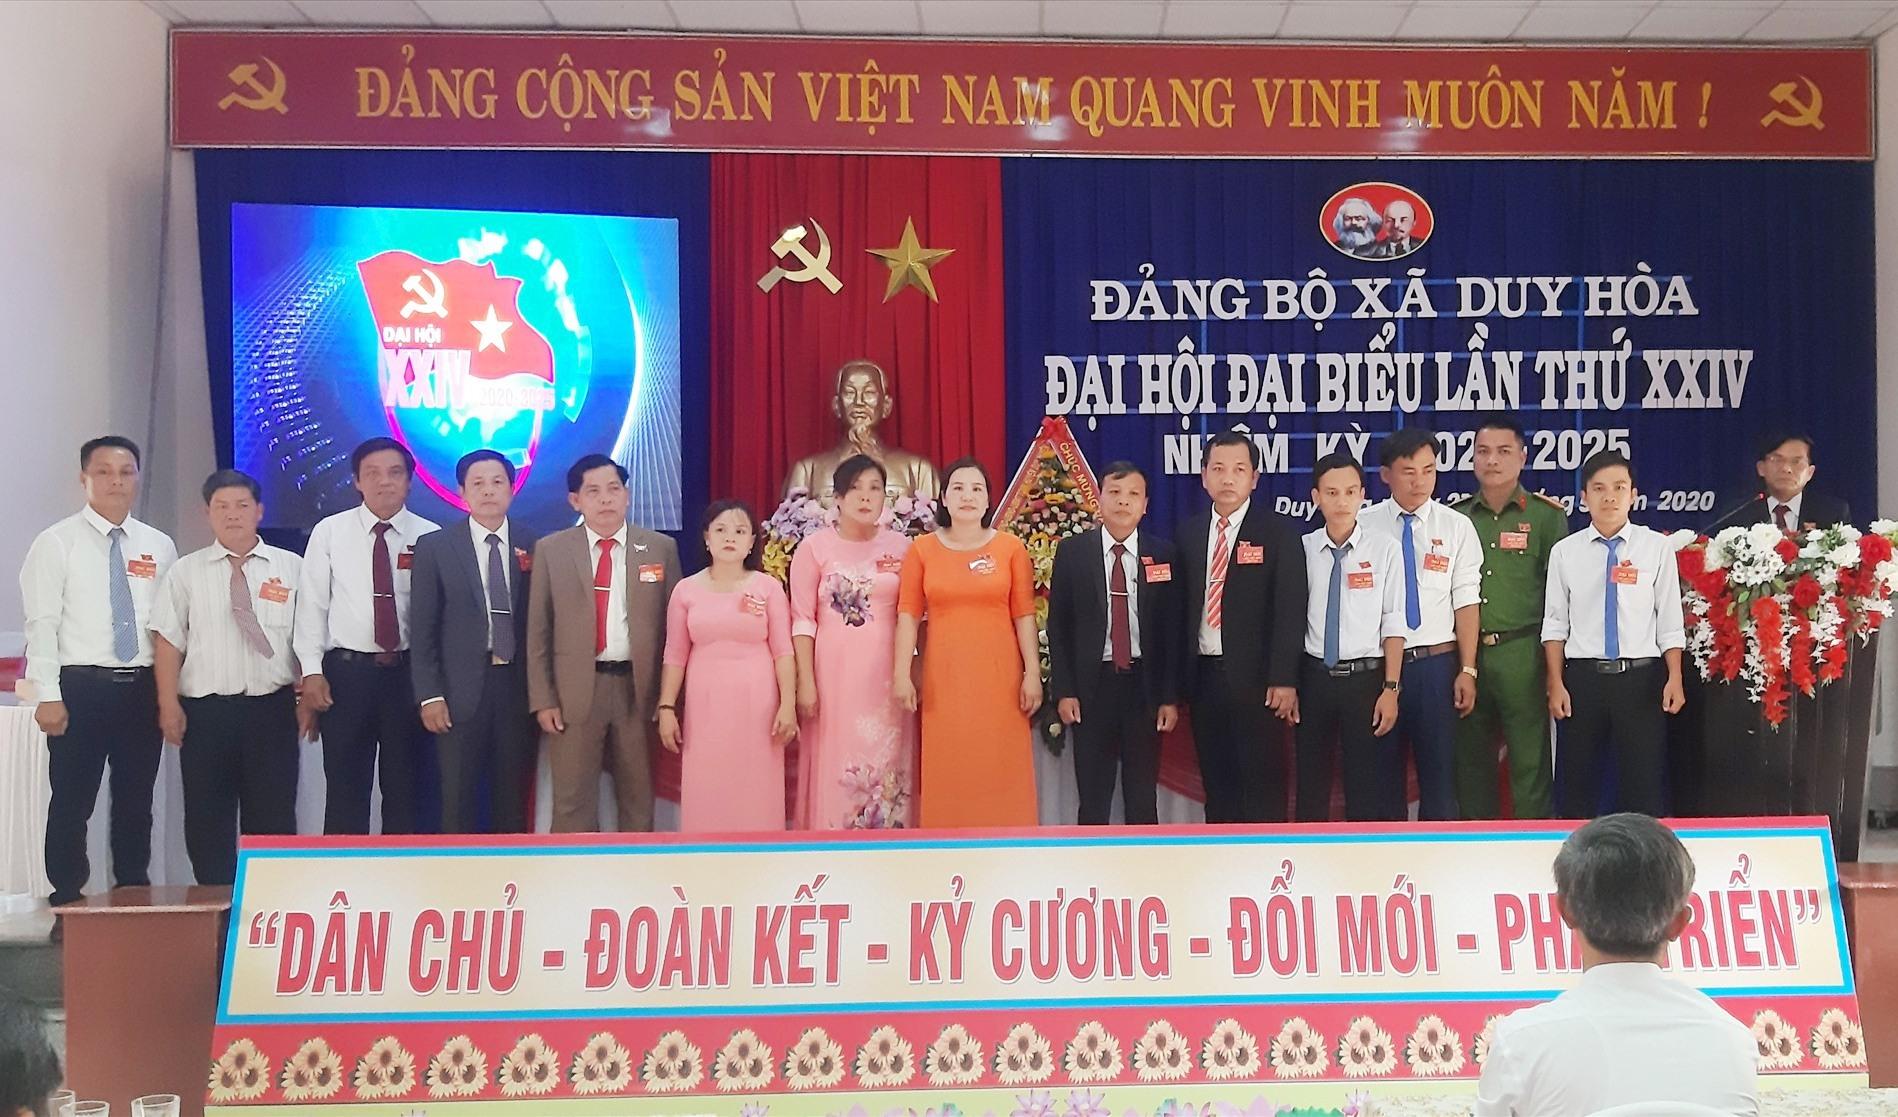 Ra mắt Ban Chấp hành Đảng bộ xã Duy Hòa khóa XXIV (nhiệm kỳ 2020 - 2025). Ảnh: H.N